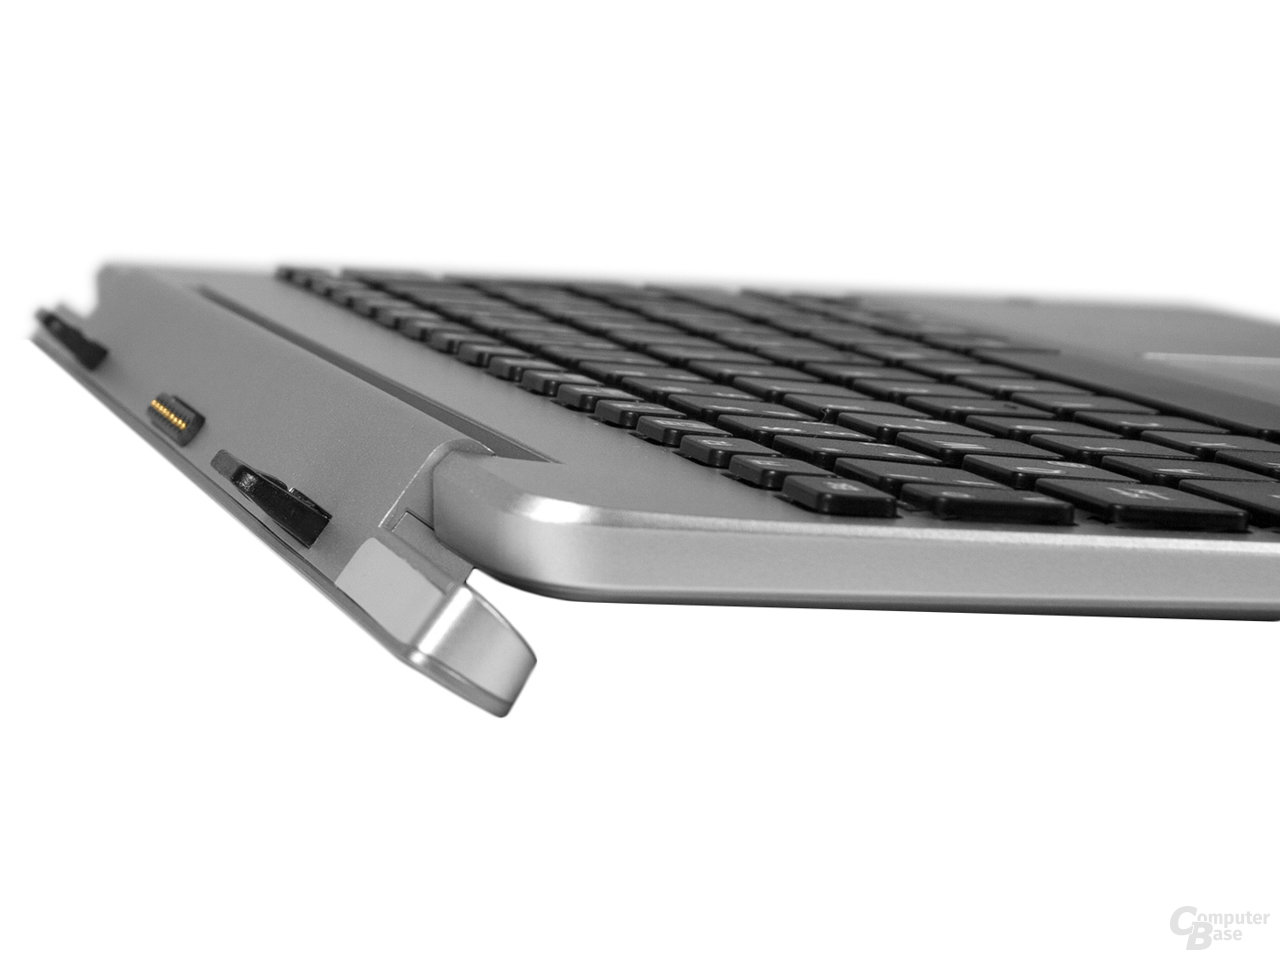 Tastatureinheit des Acer Aspire Switch 10 FHD